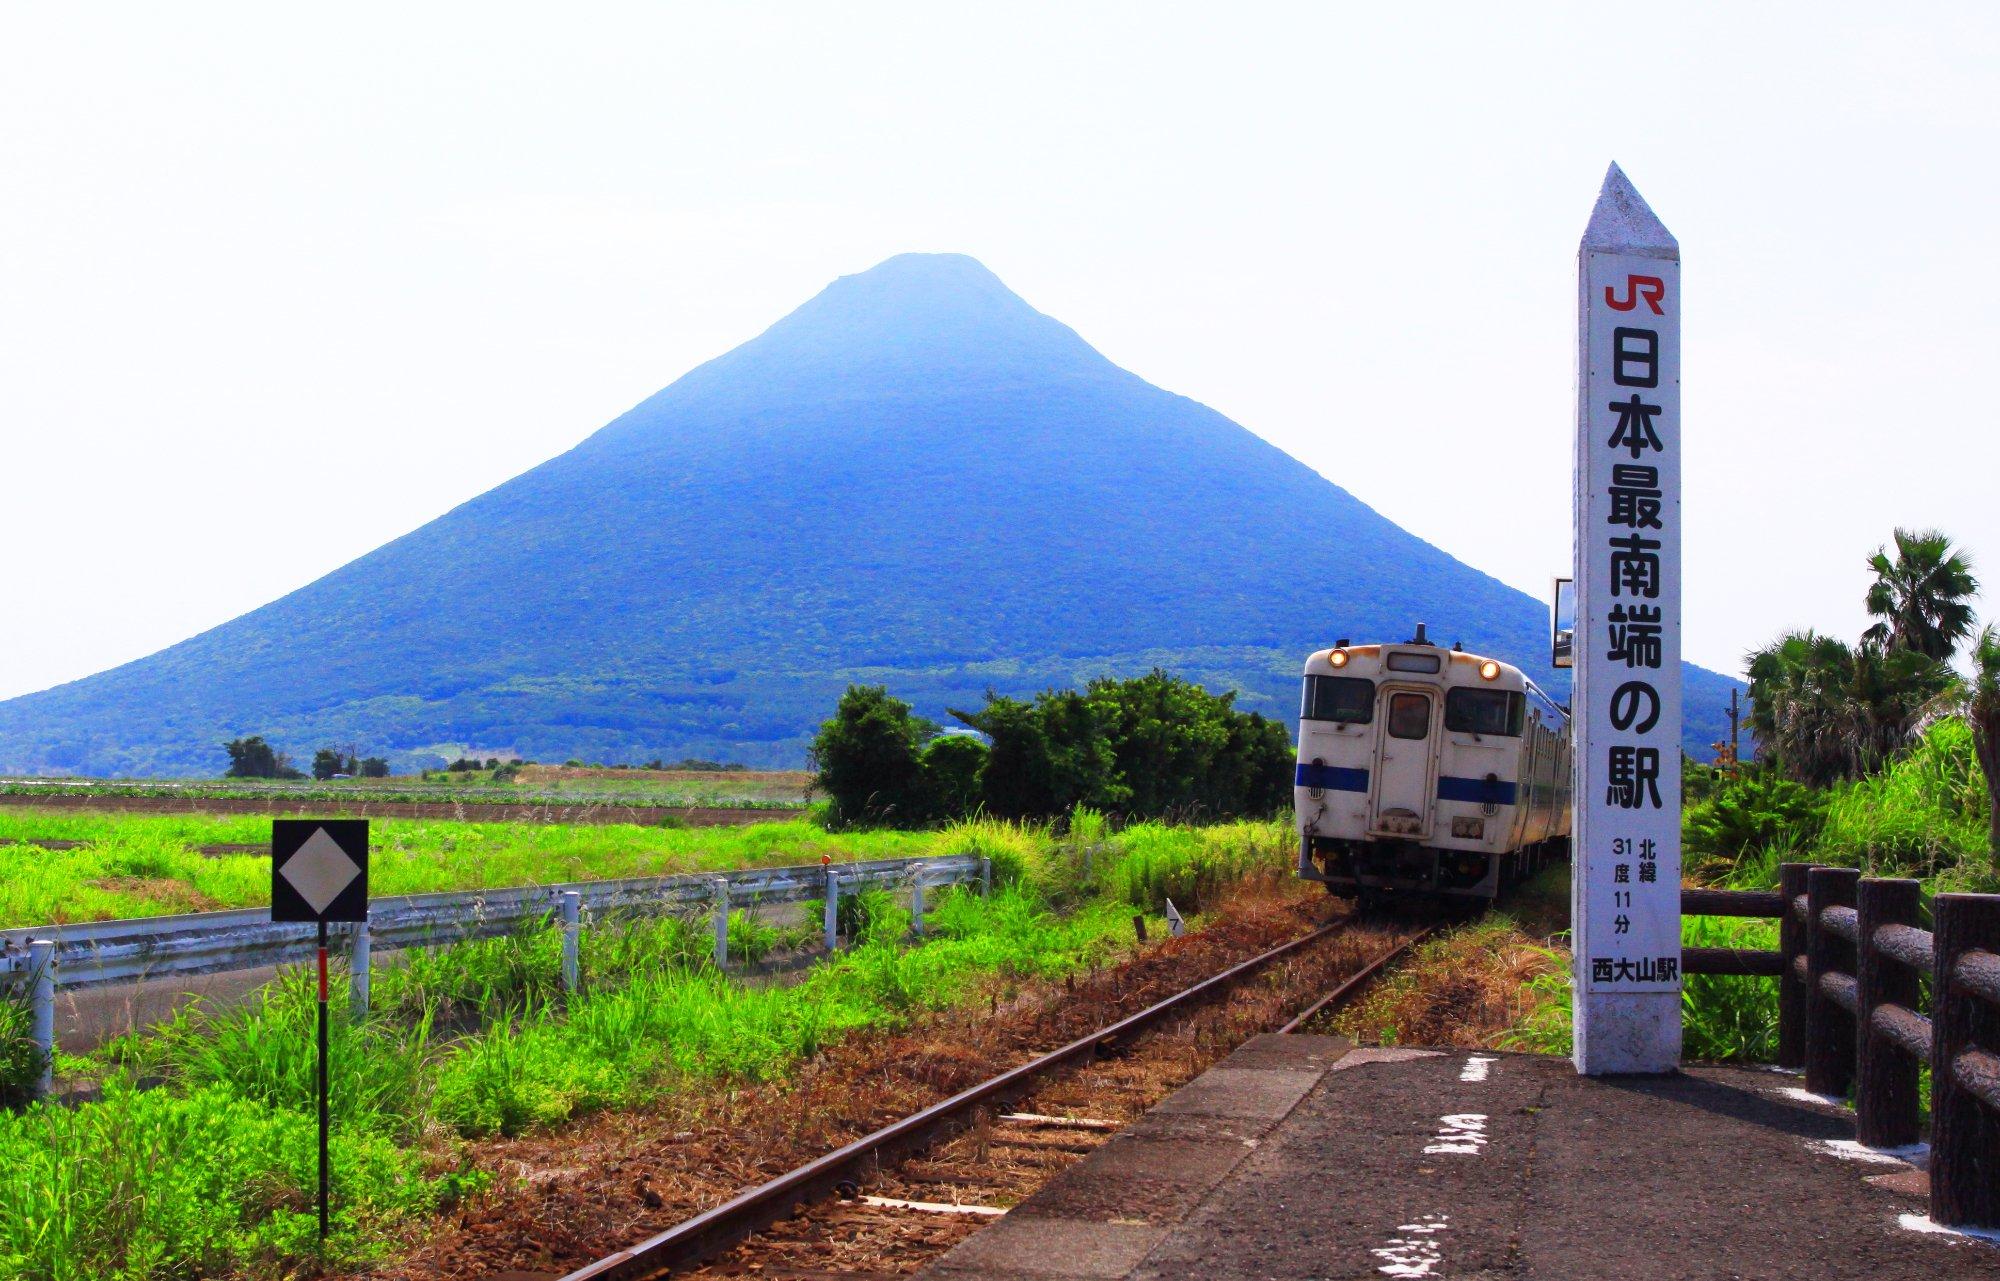 JR Nishi Oyama Station (Ibusuki, Japan): Why go? - TripAdvisor